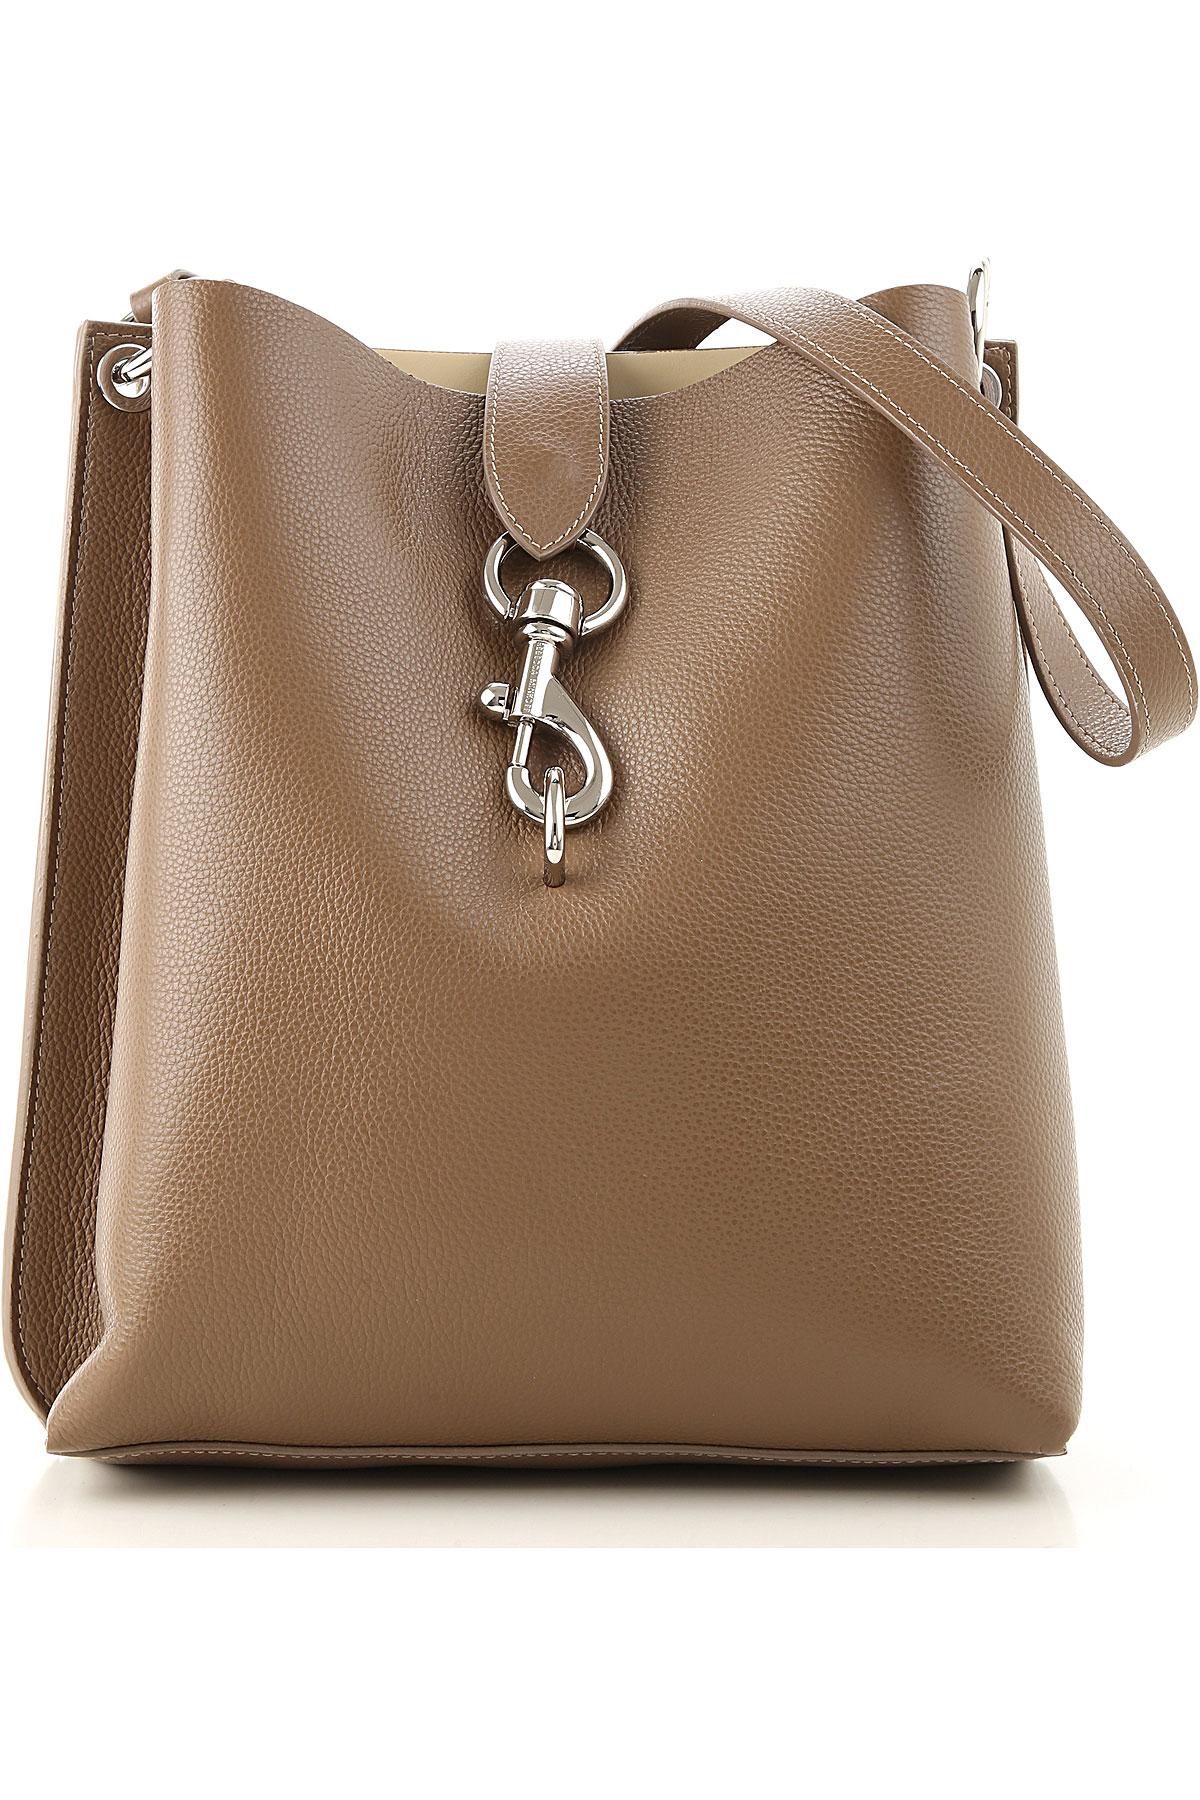 Rebecca Minkoff Shoulder Bag for Women On Sale, Brown, Leather, 2019